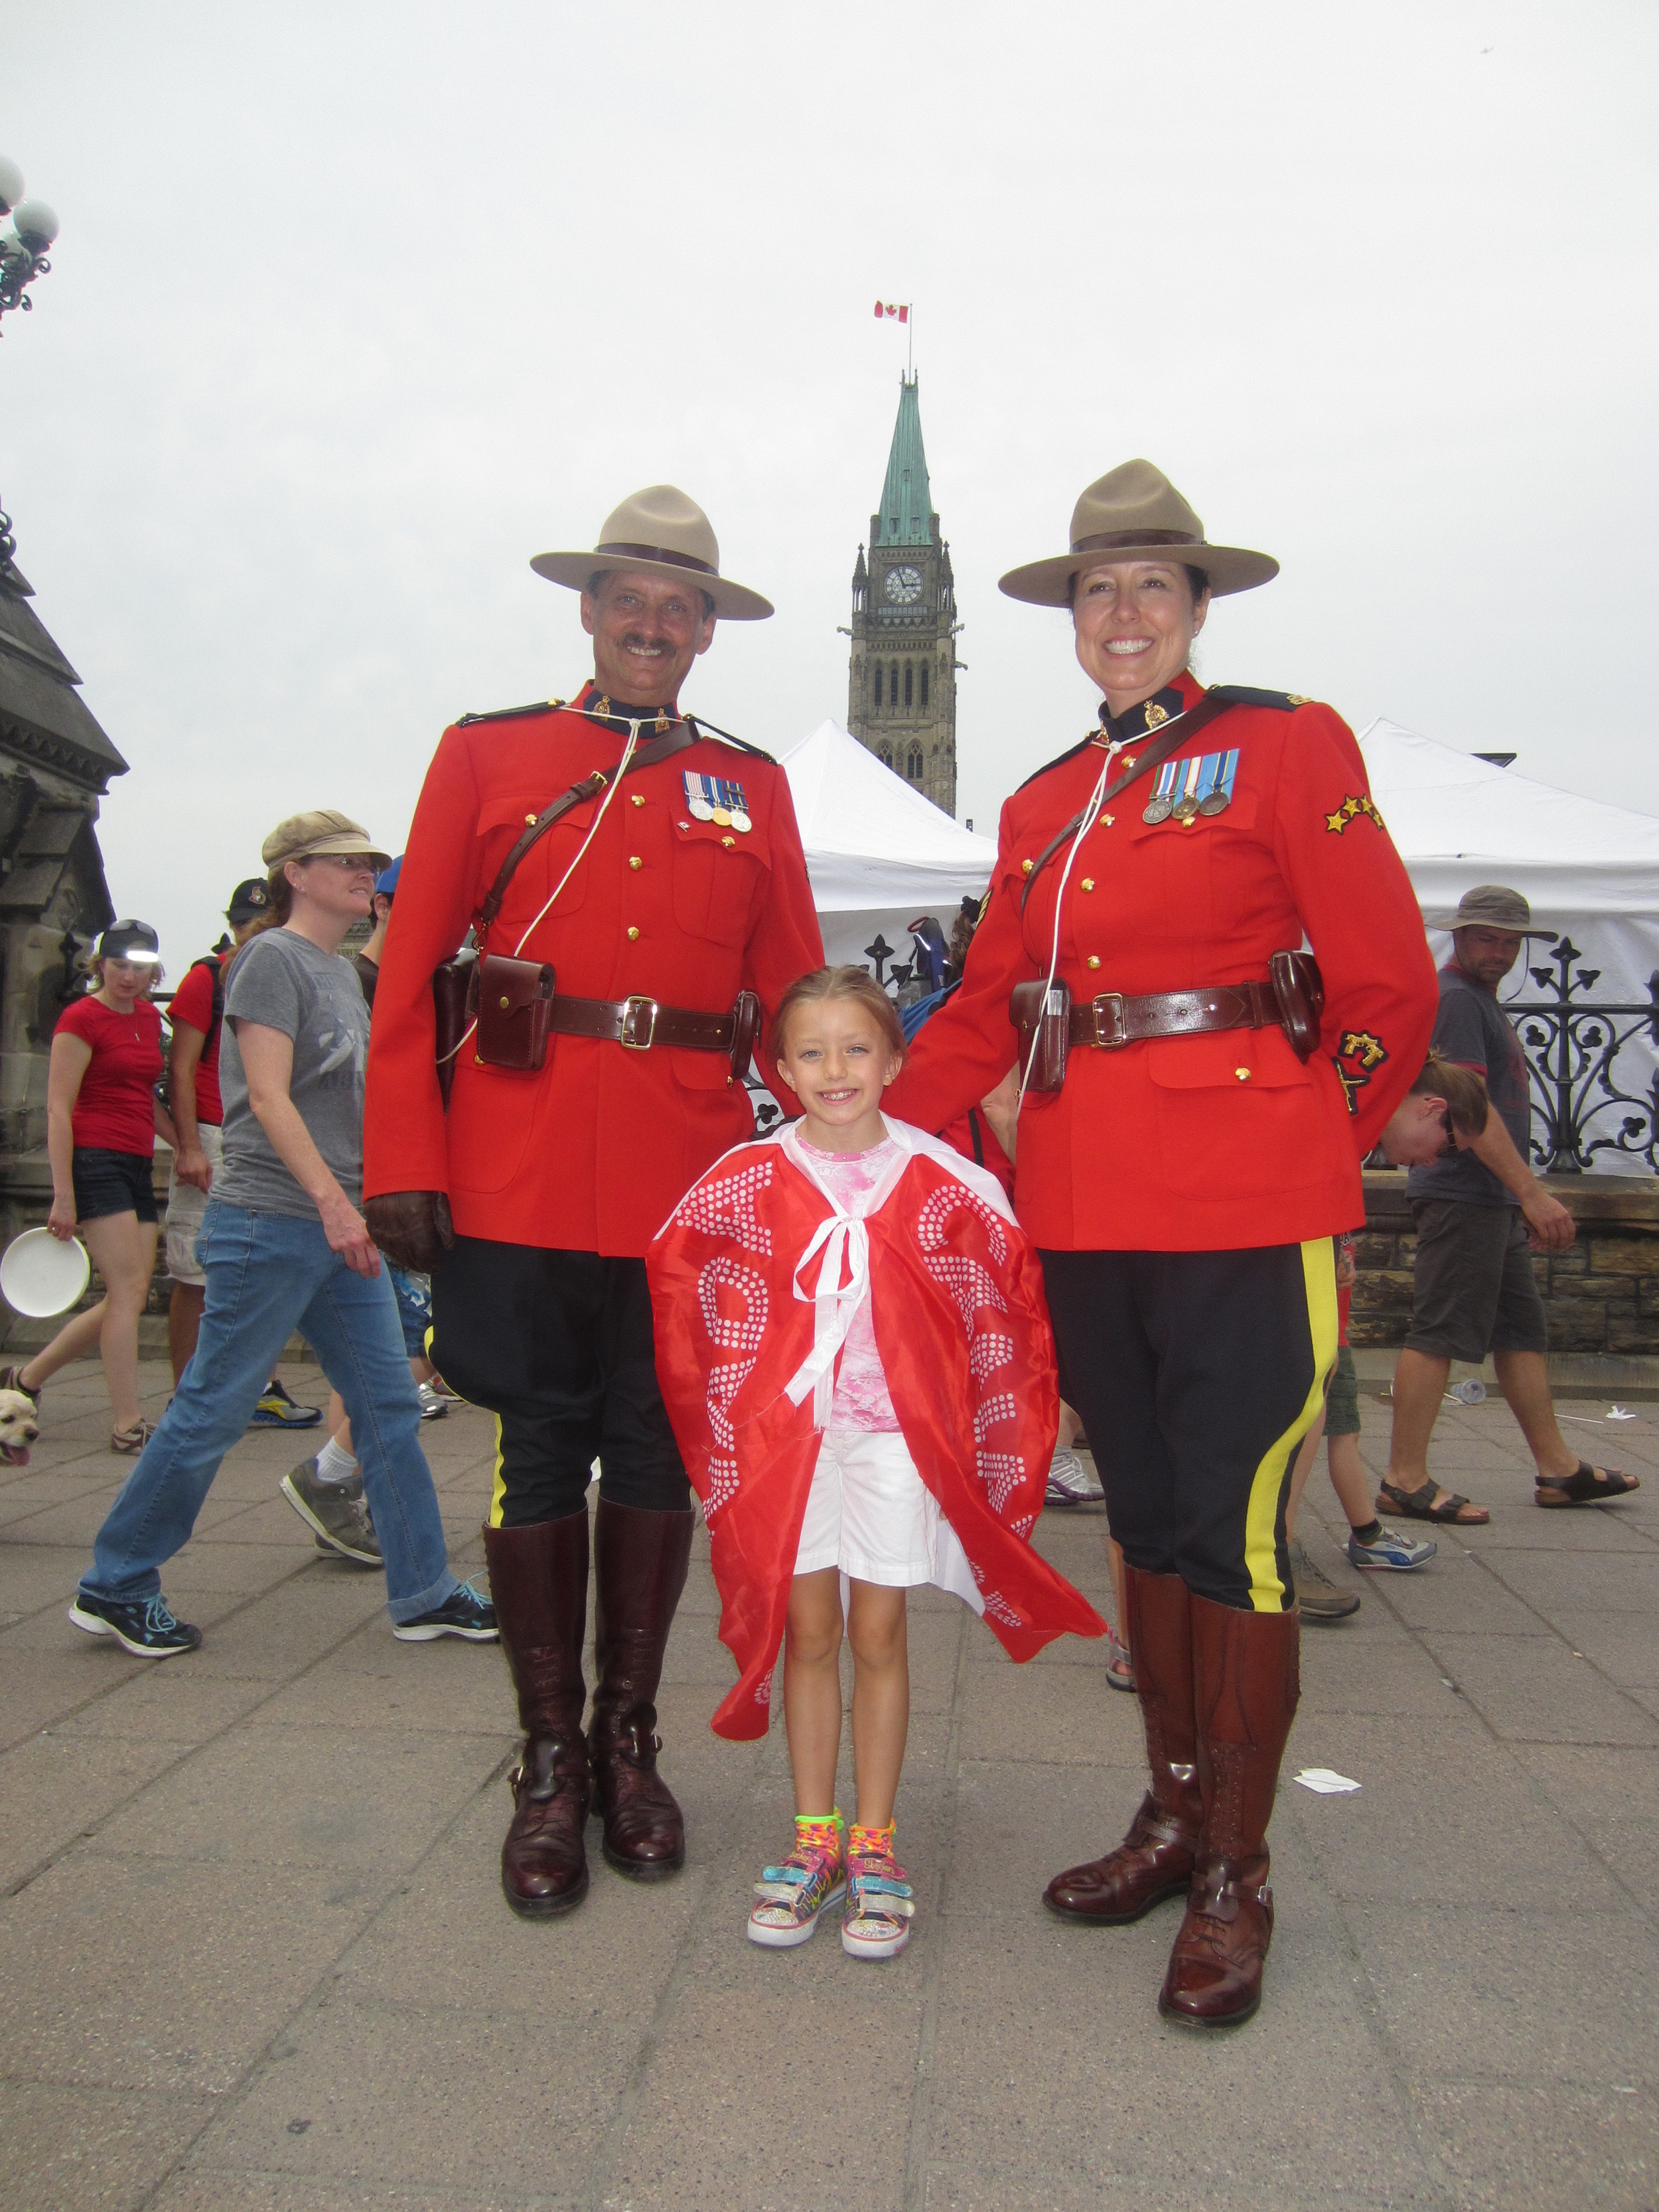 OttawaAndMaine_July2013 339